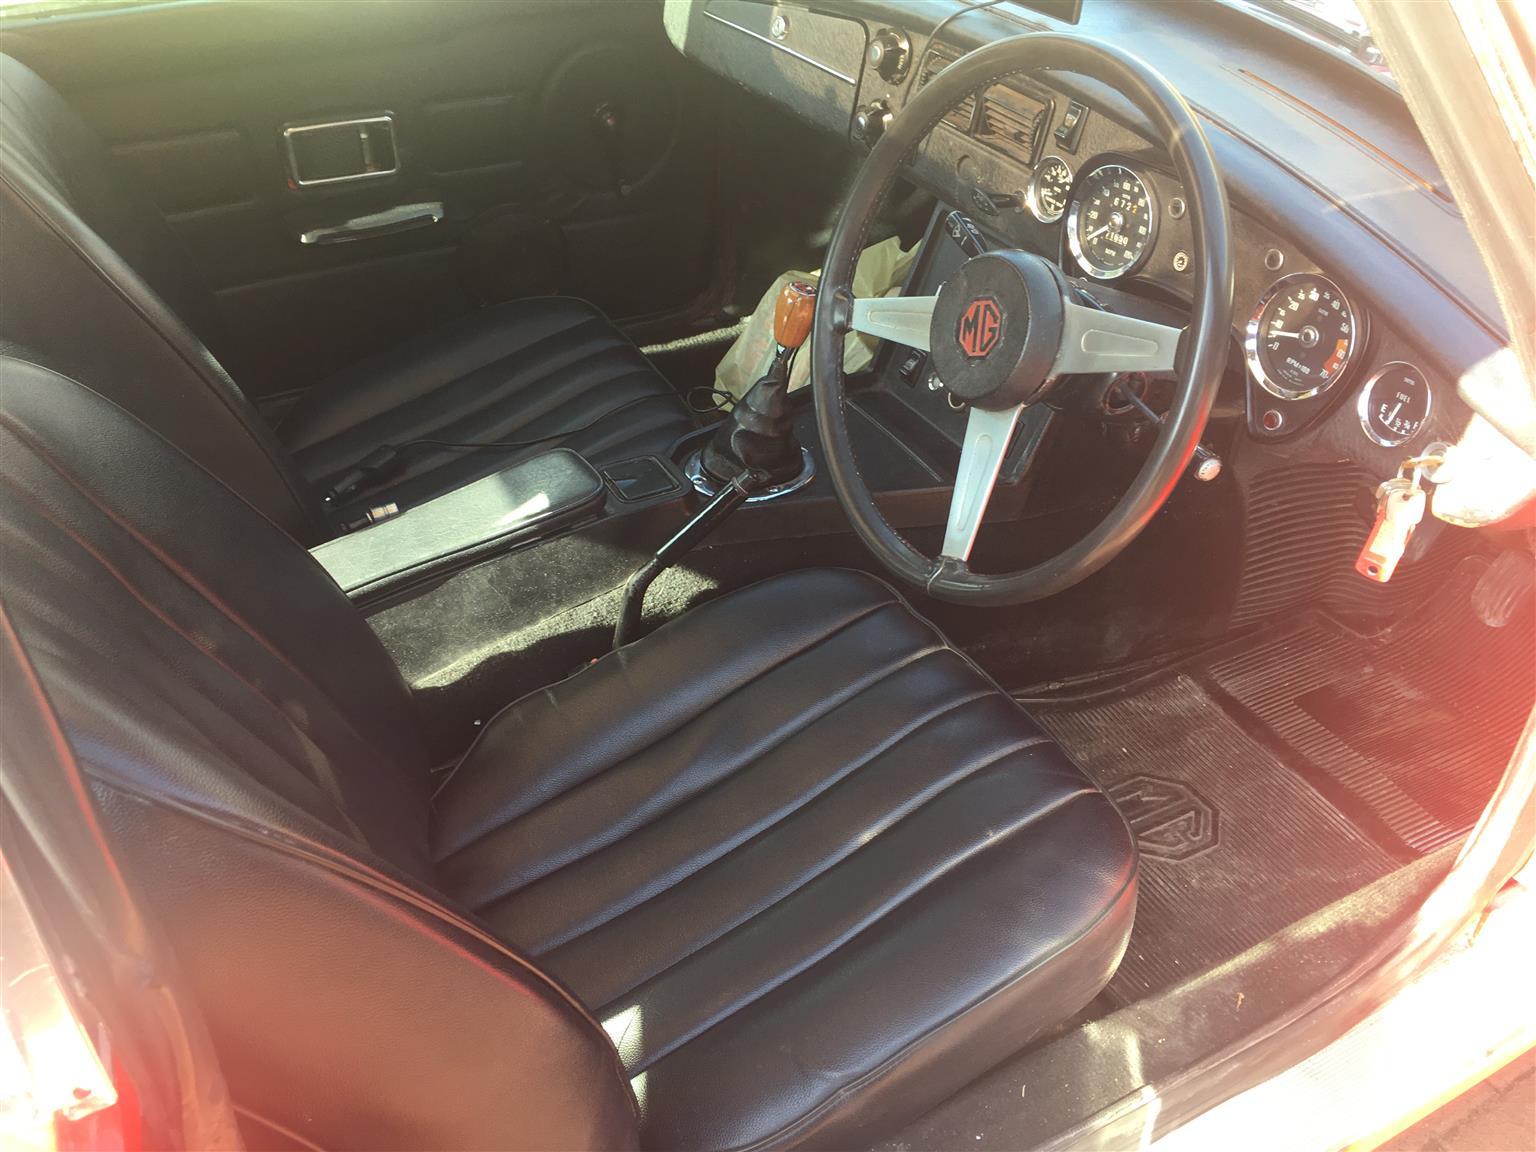 1975 MG MGB/GT